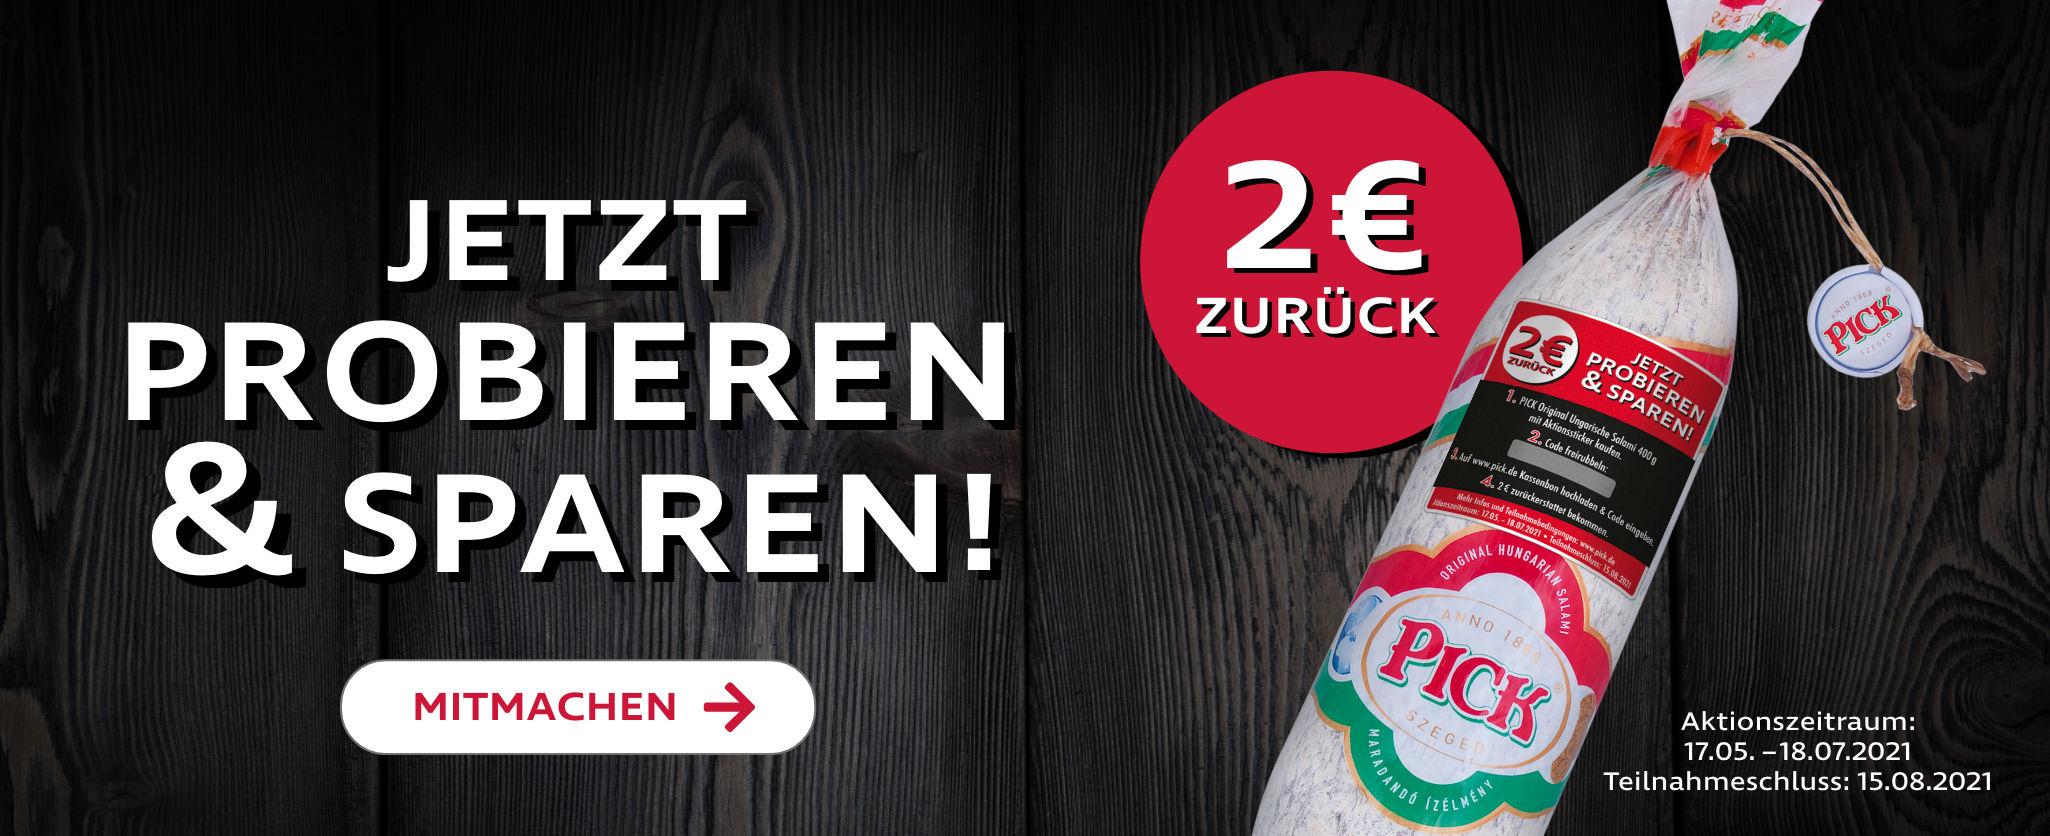 (GzG anteilig) PICK Original Ungarische Salami 400 g mit Aktionssticker kaufen, 2€ Cashback erhalten